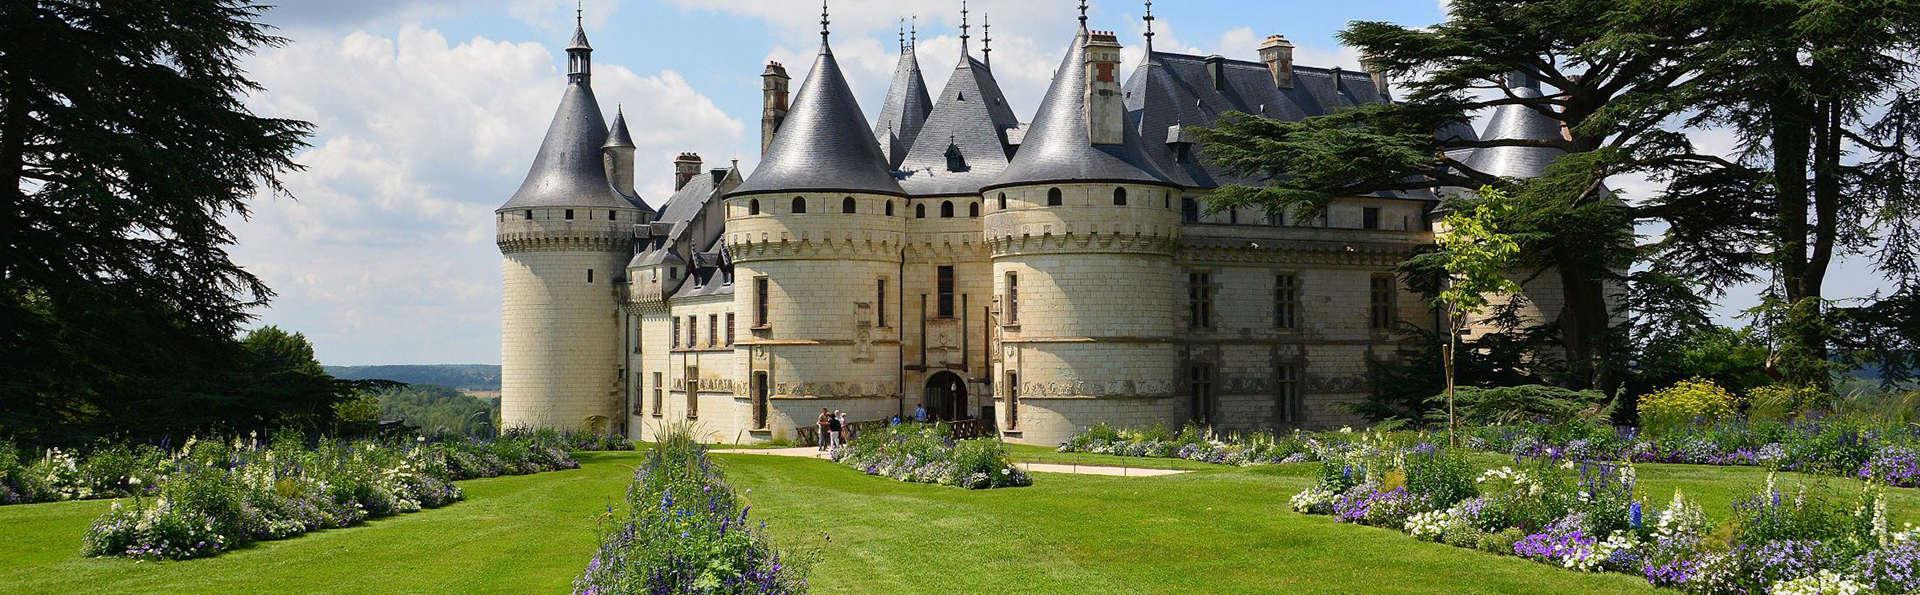 Novotel Blois Centre Val de Loire - EDIT_chaumont1.jpg